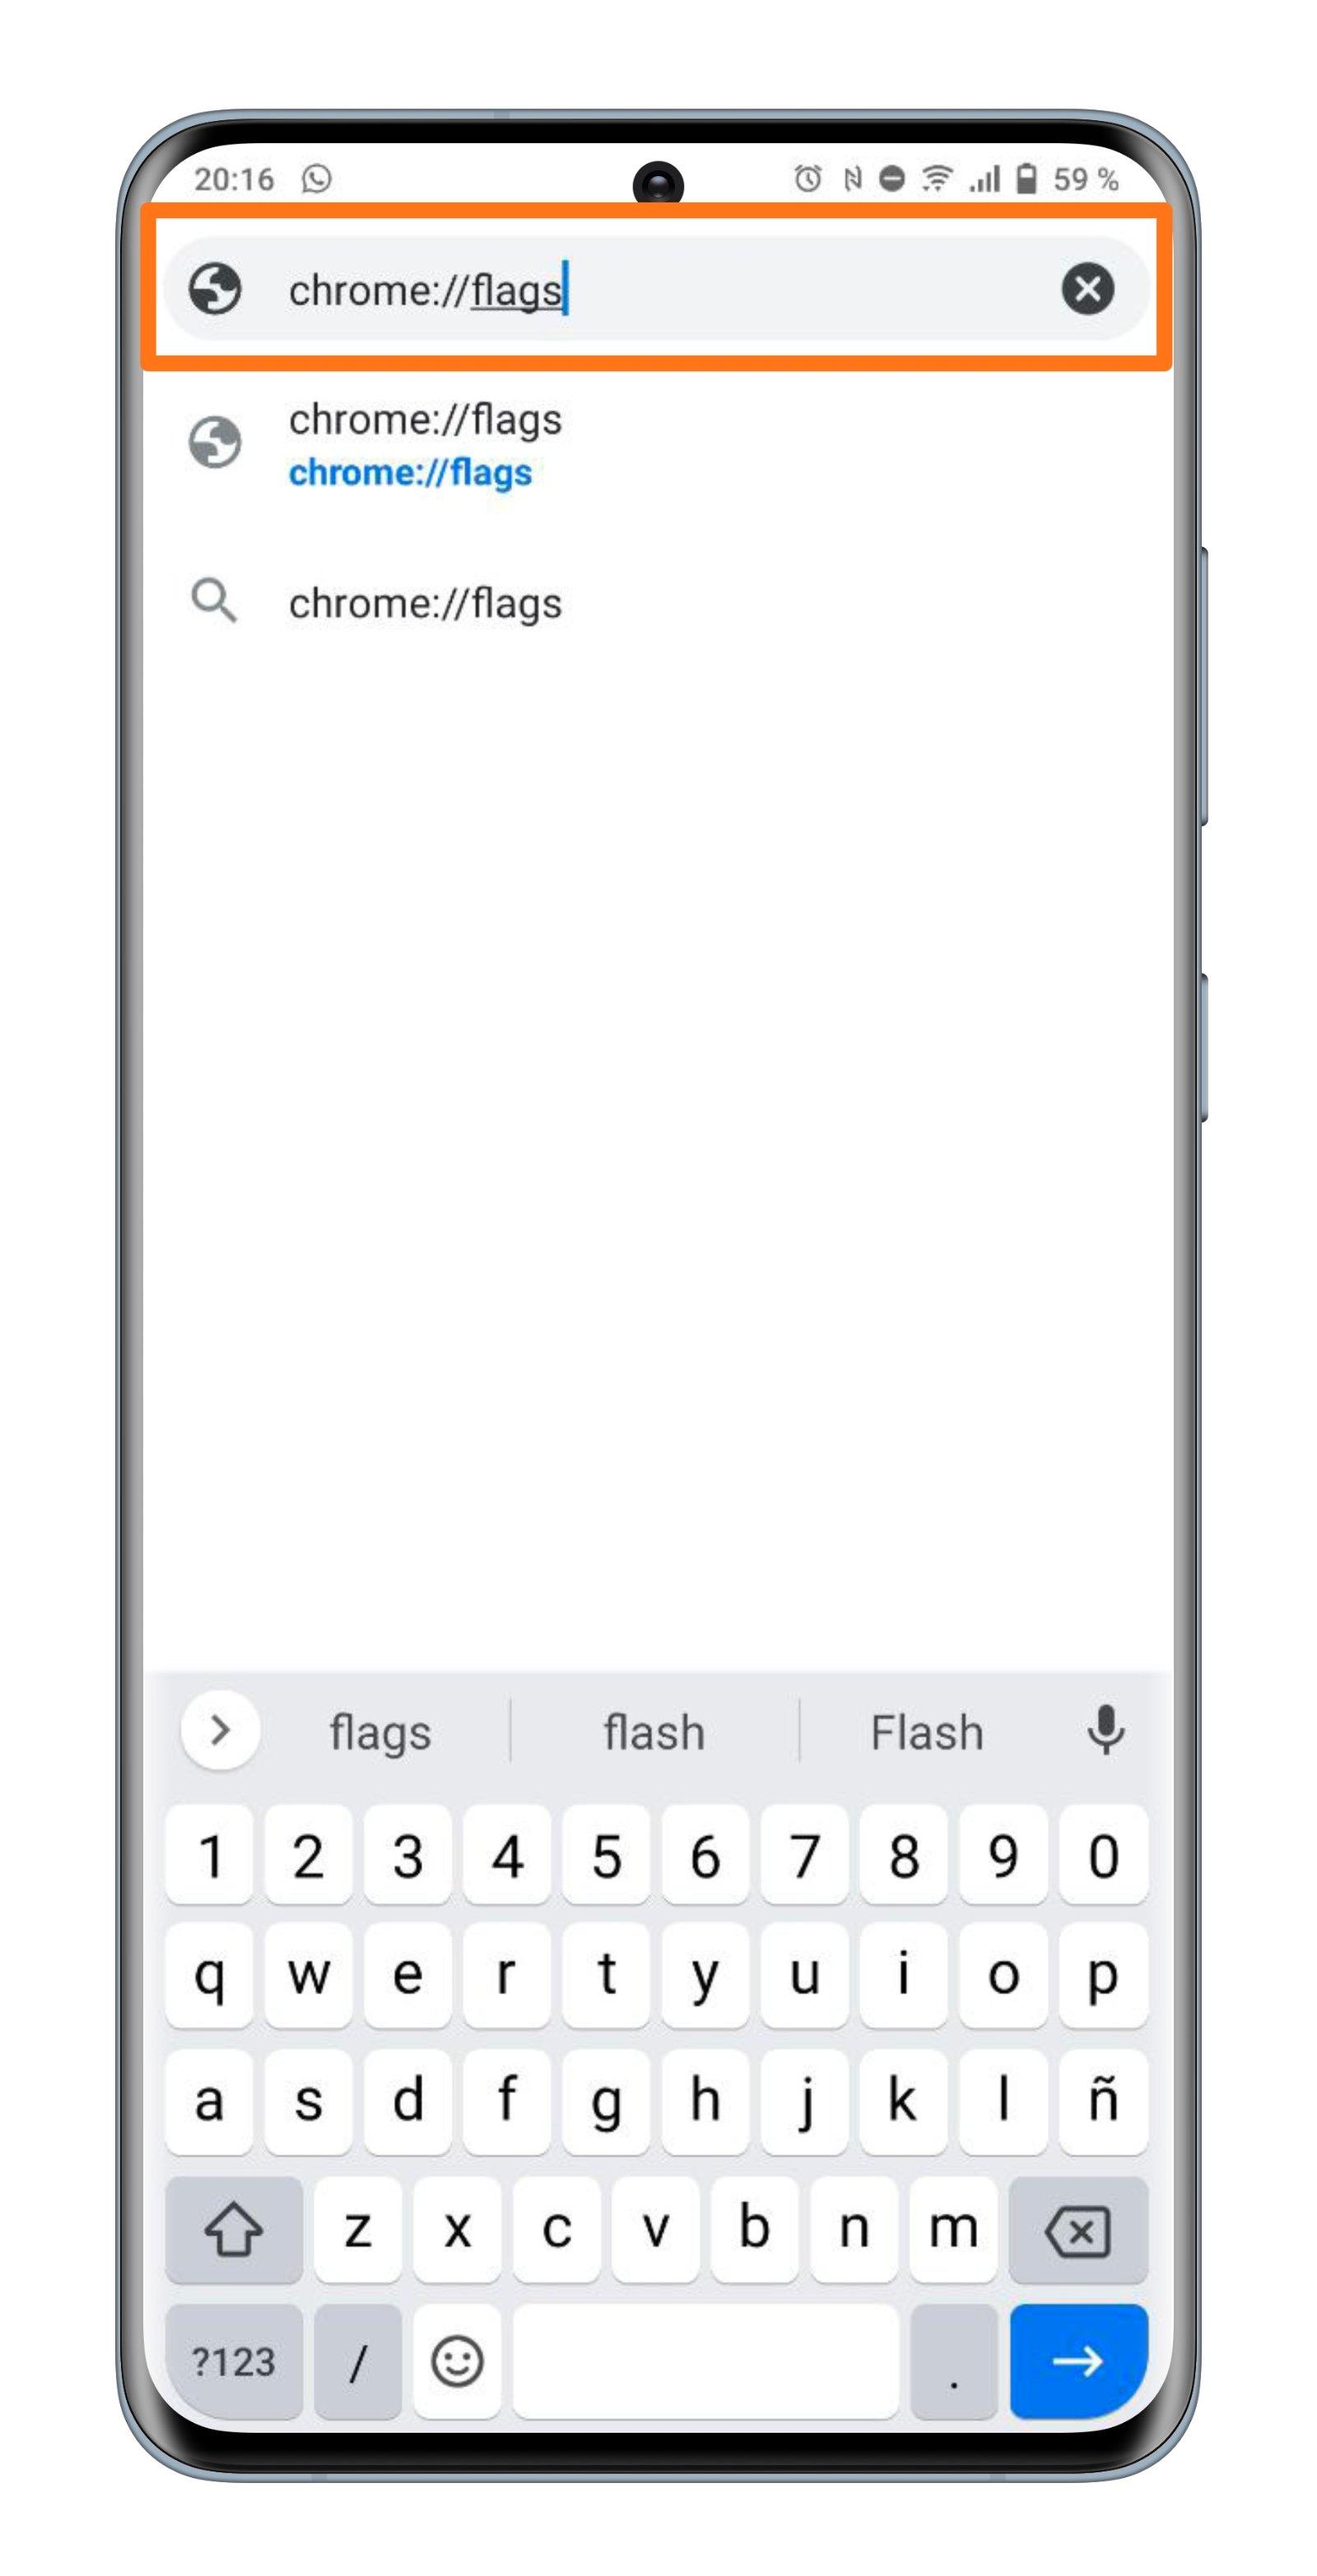 Android के लिए Chrome में निर्मित नए RSS रीडर को कैसे सक्रिय और उपयोग करें